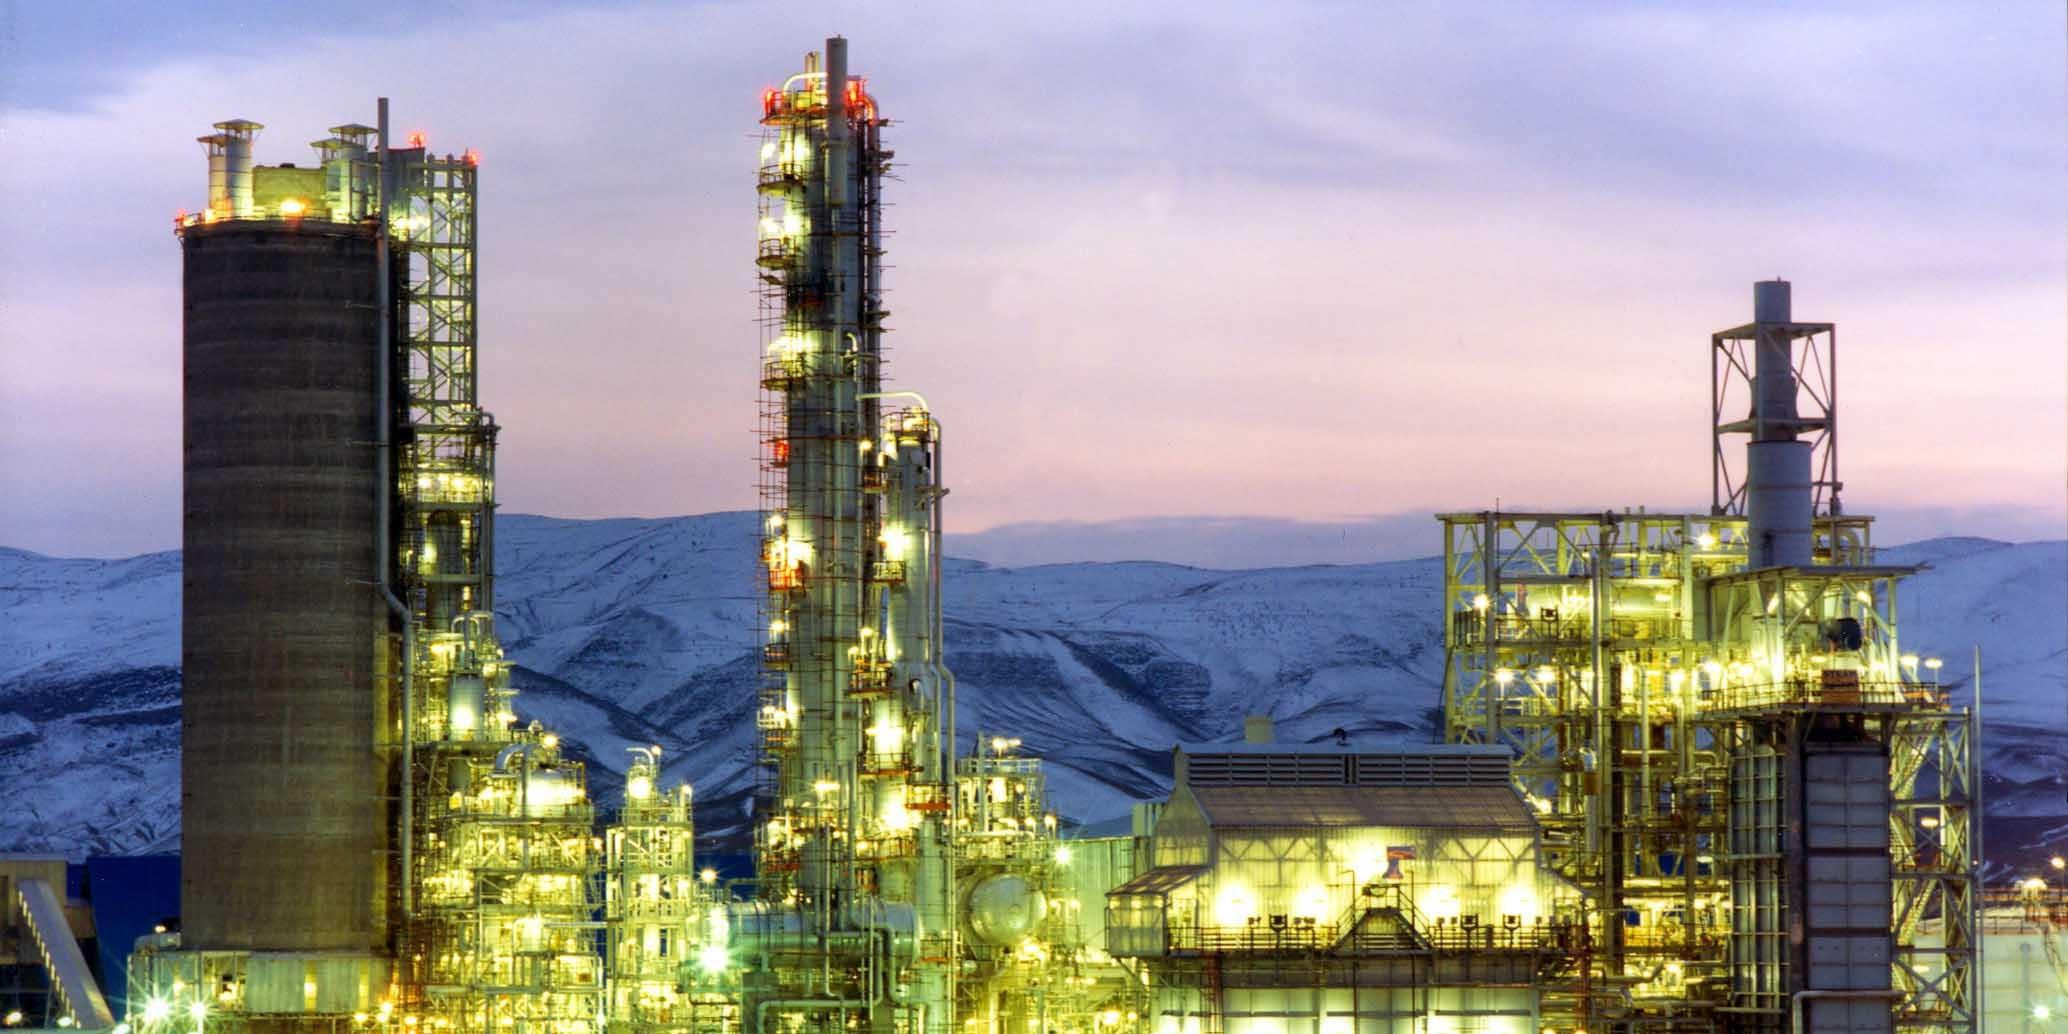 عرضه بیش از 125 هزار تن انواع فرآوردههای نفتی و پتروشیمی